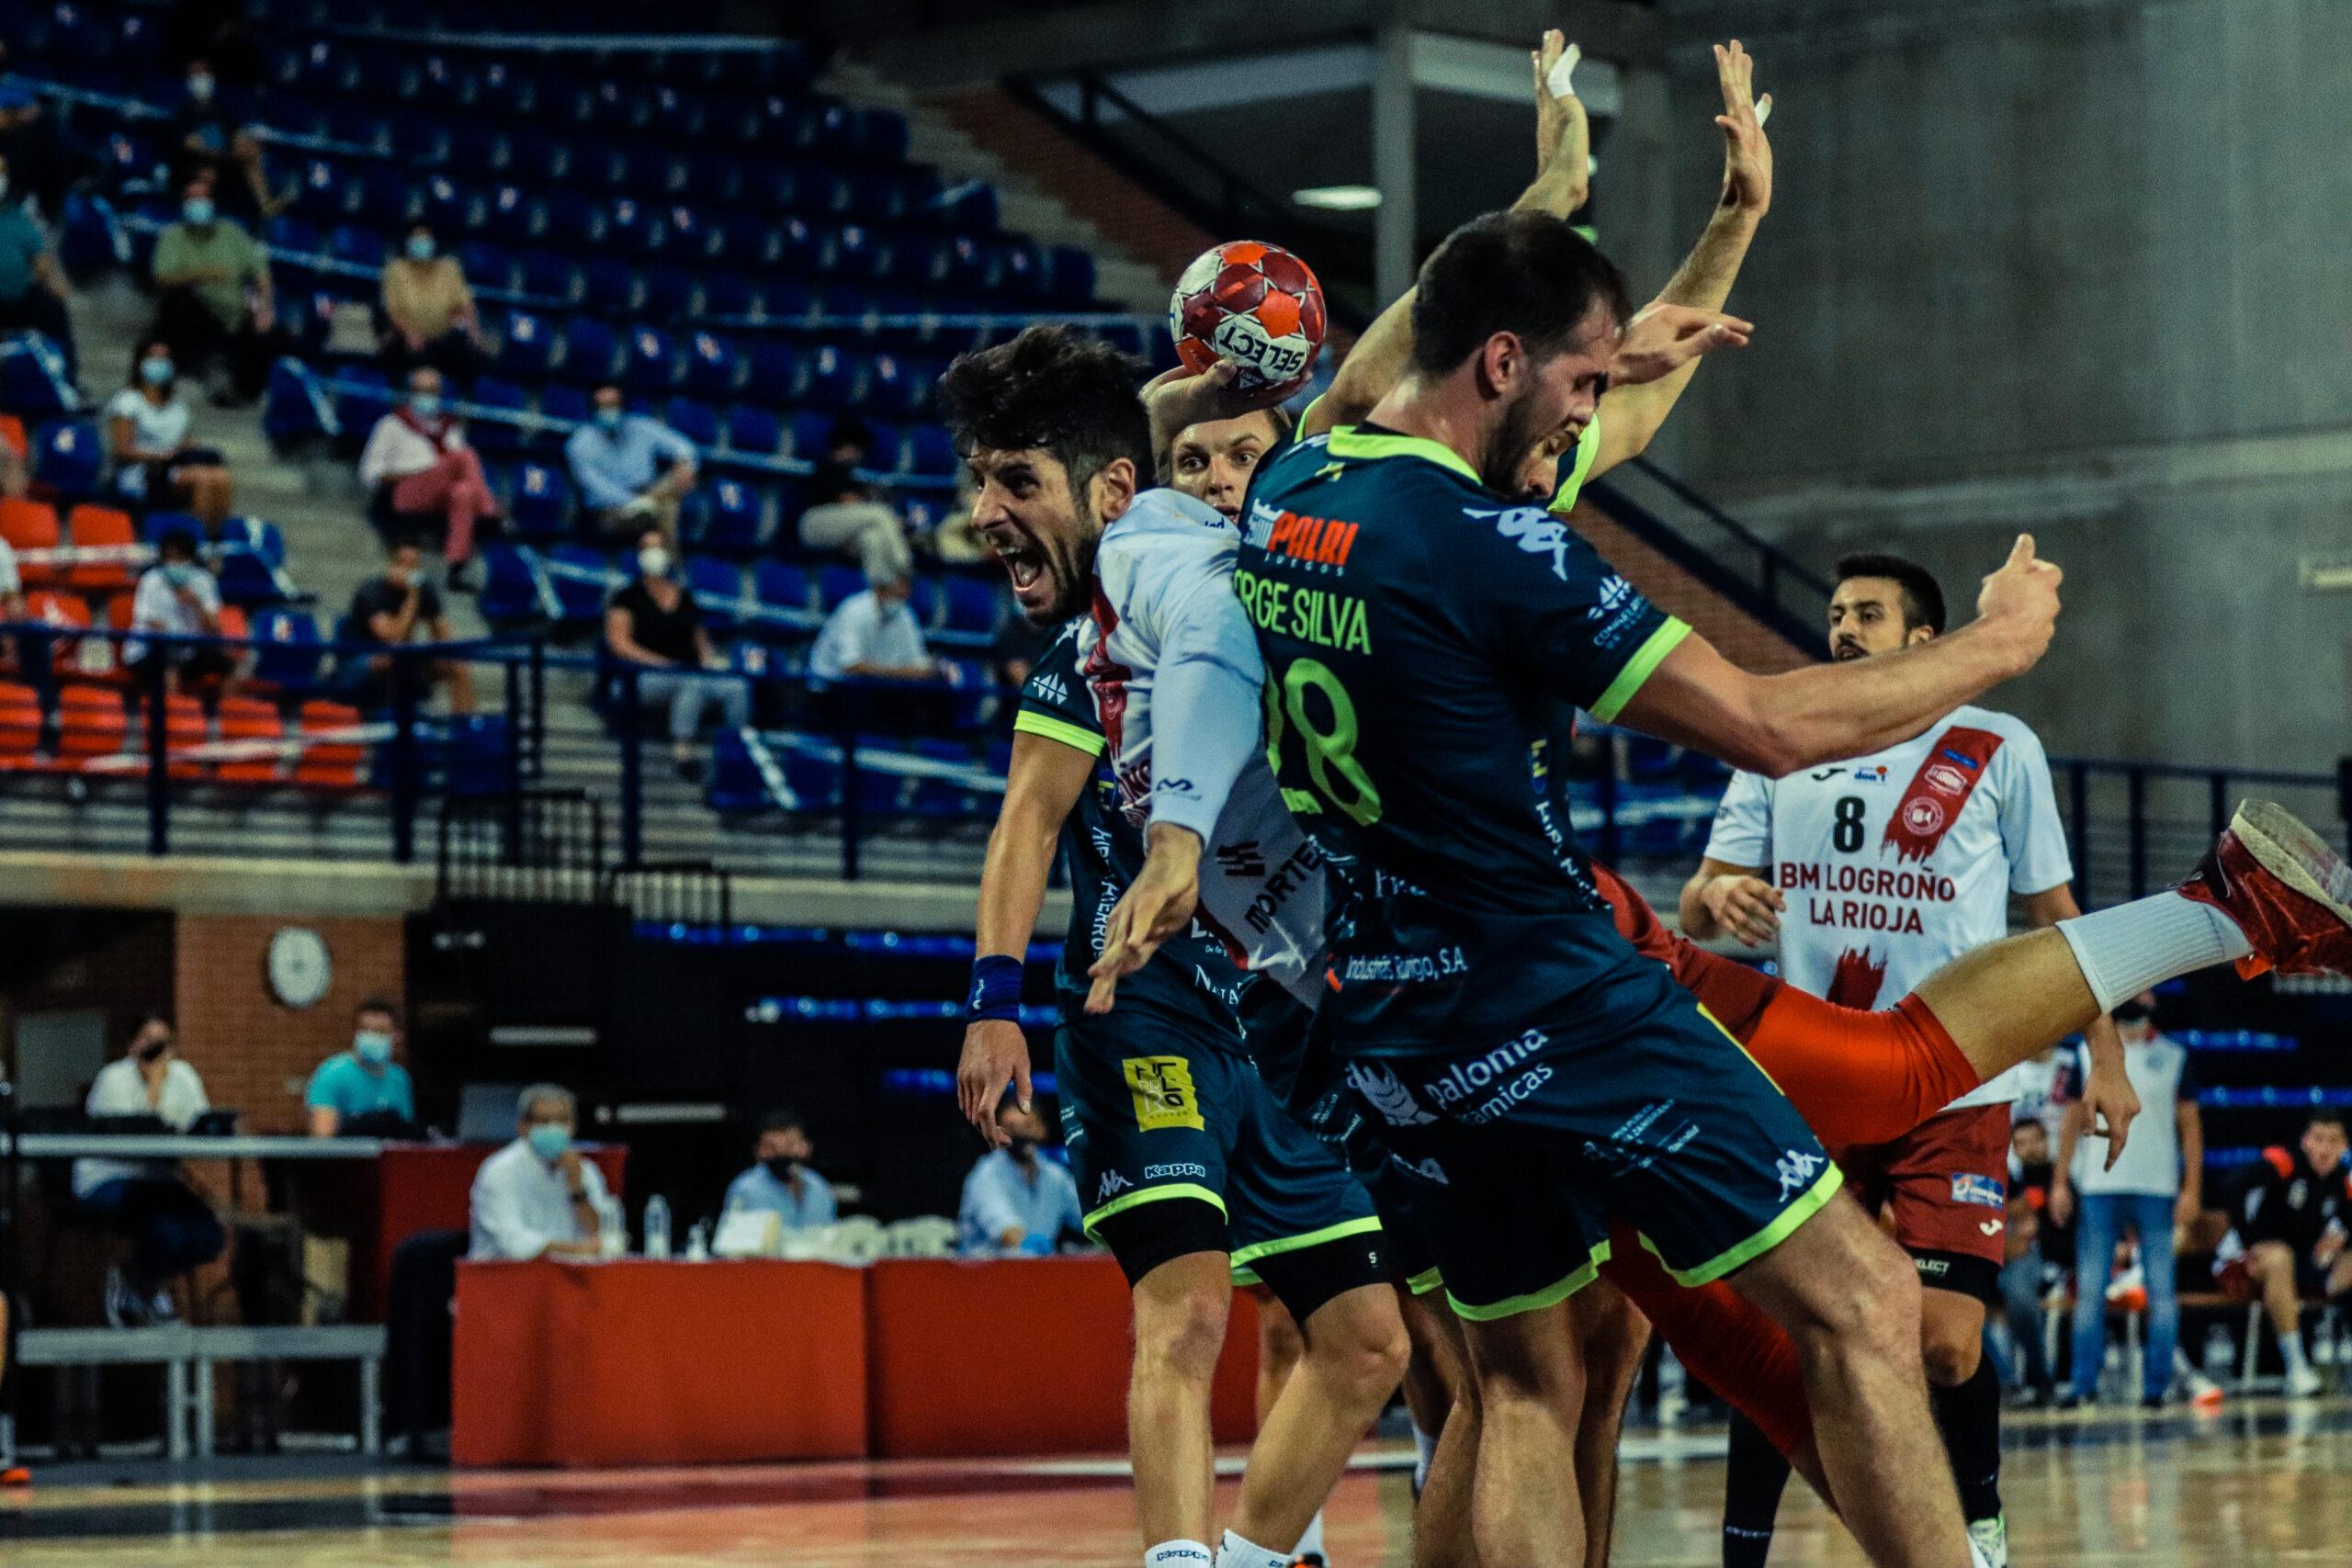 Jorge Silva vs Logroño / Foto: Noelia Quero